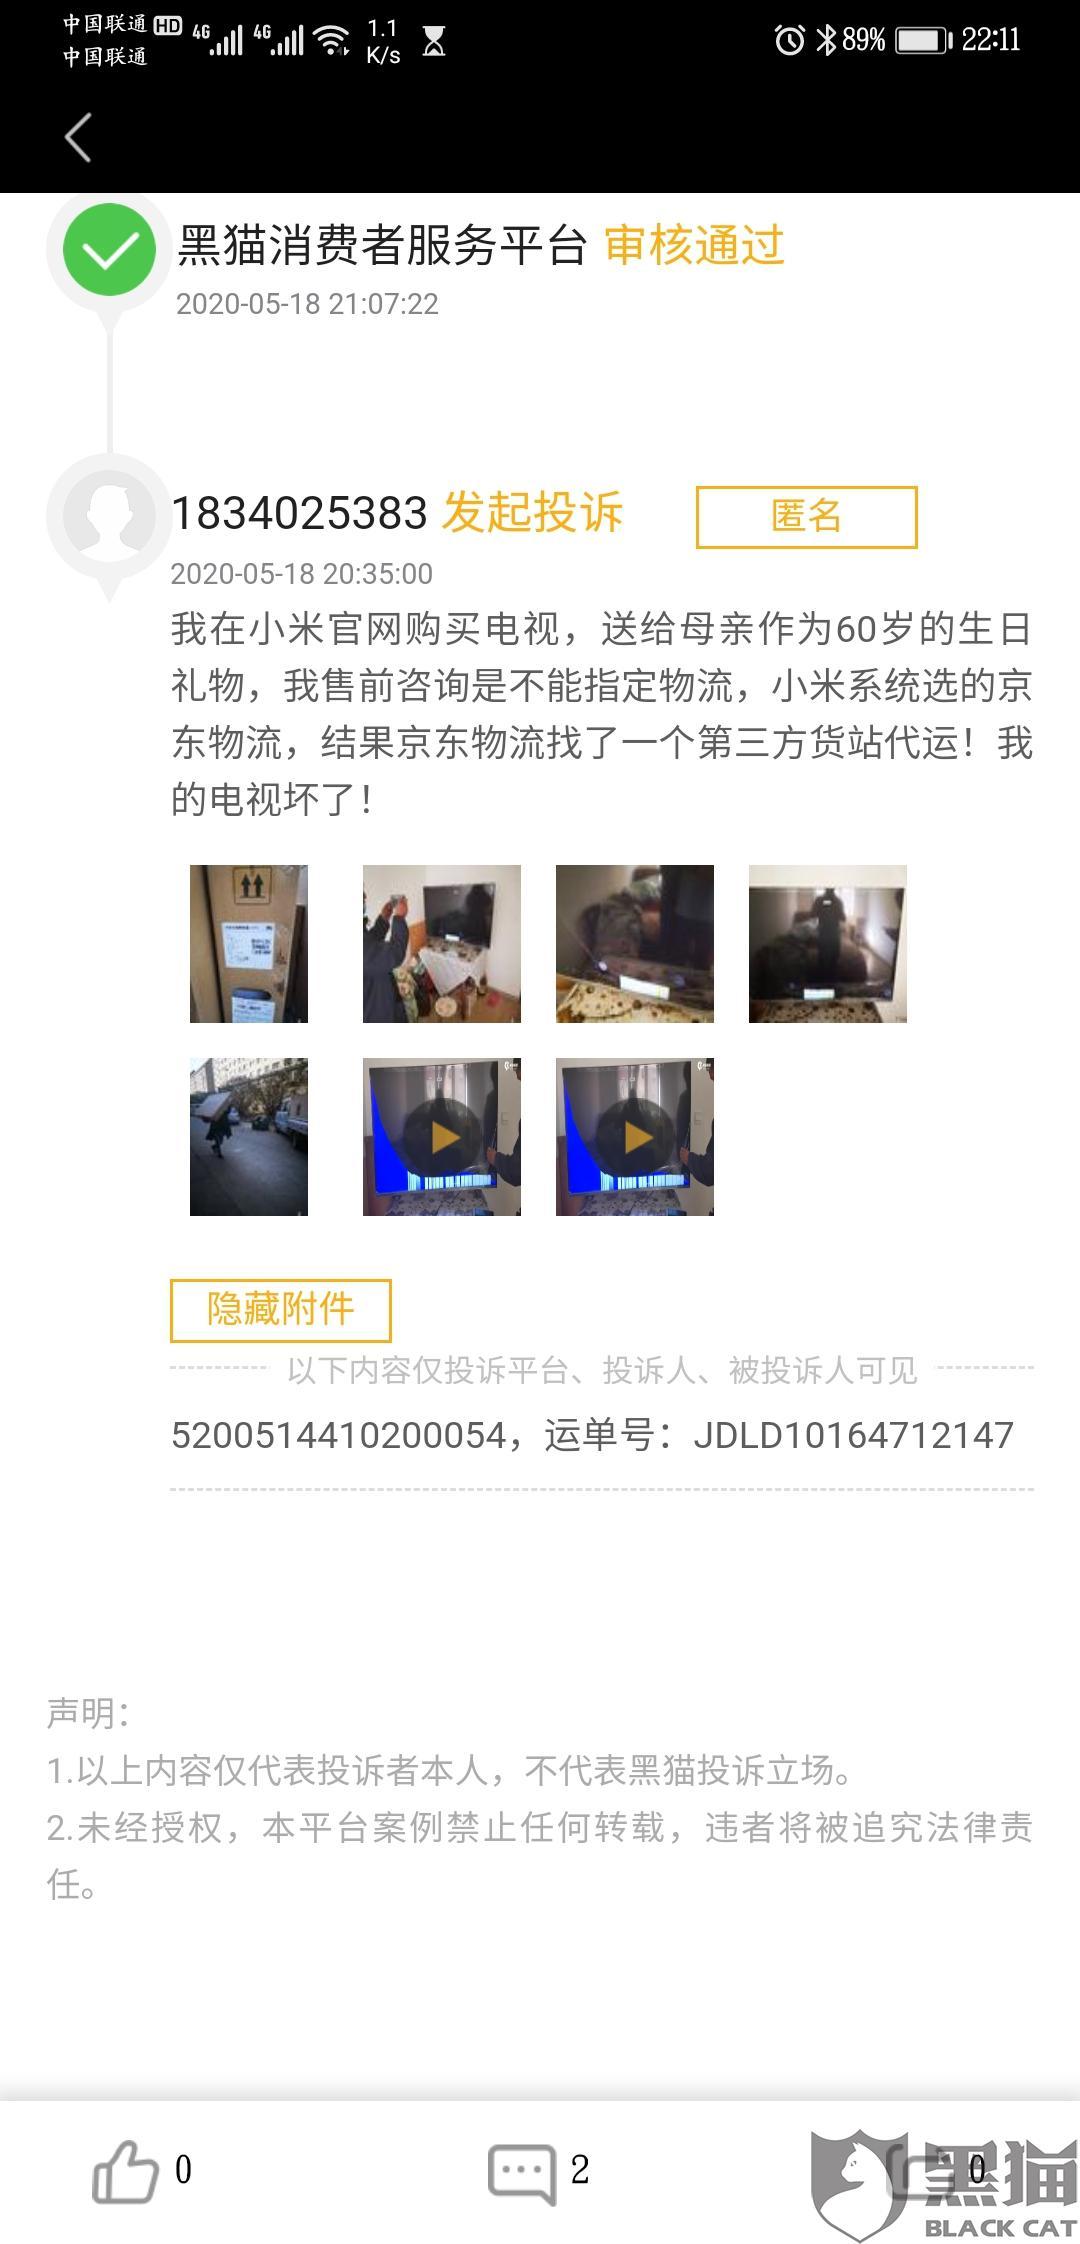 黑猫投诉:小米官网买的电视送给母亲60生日礼物,京东物流配送,屏幕外屏没碎内屏碎了?